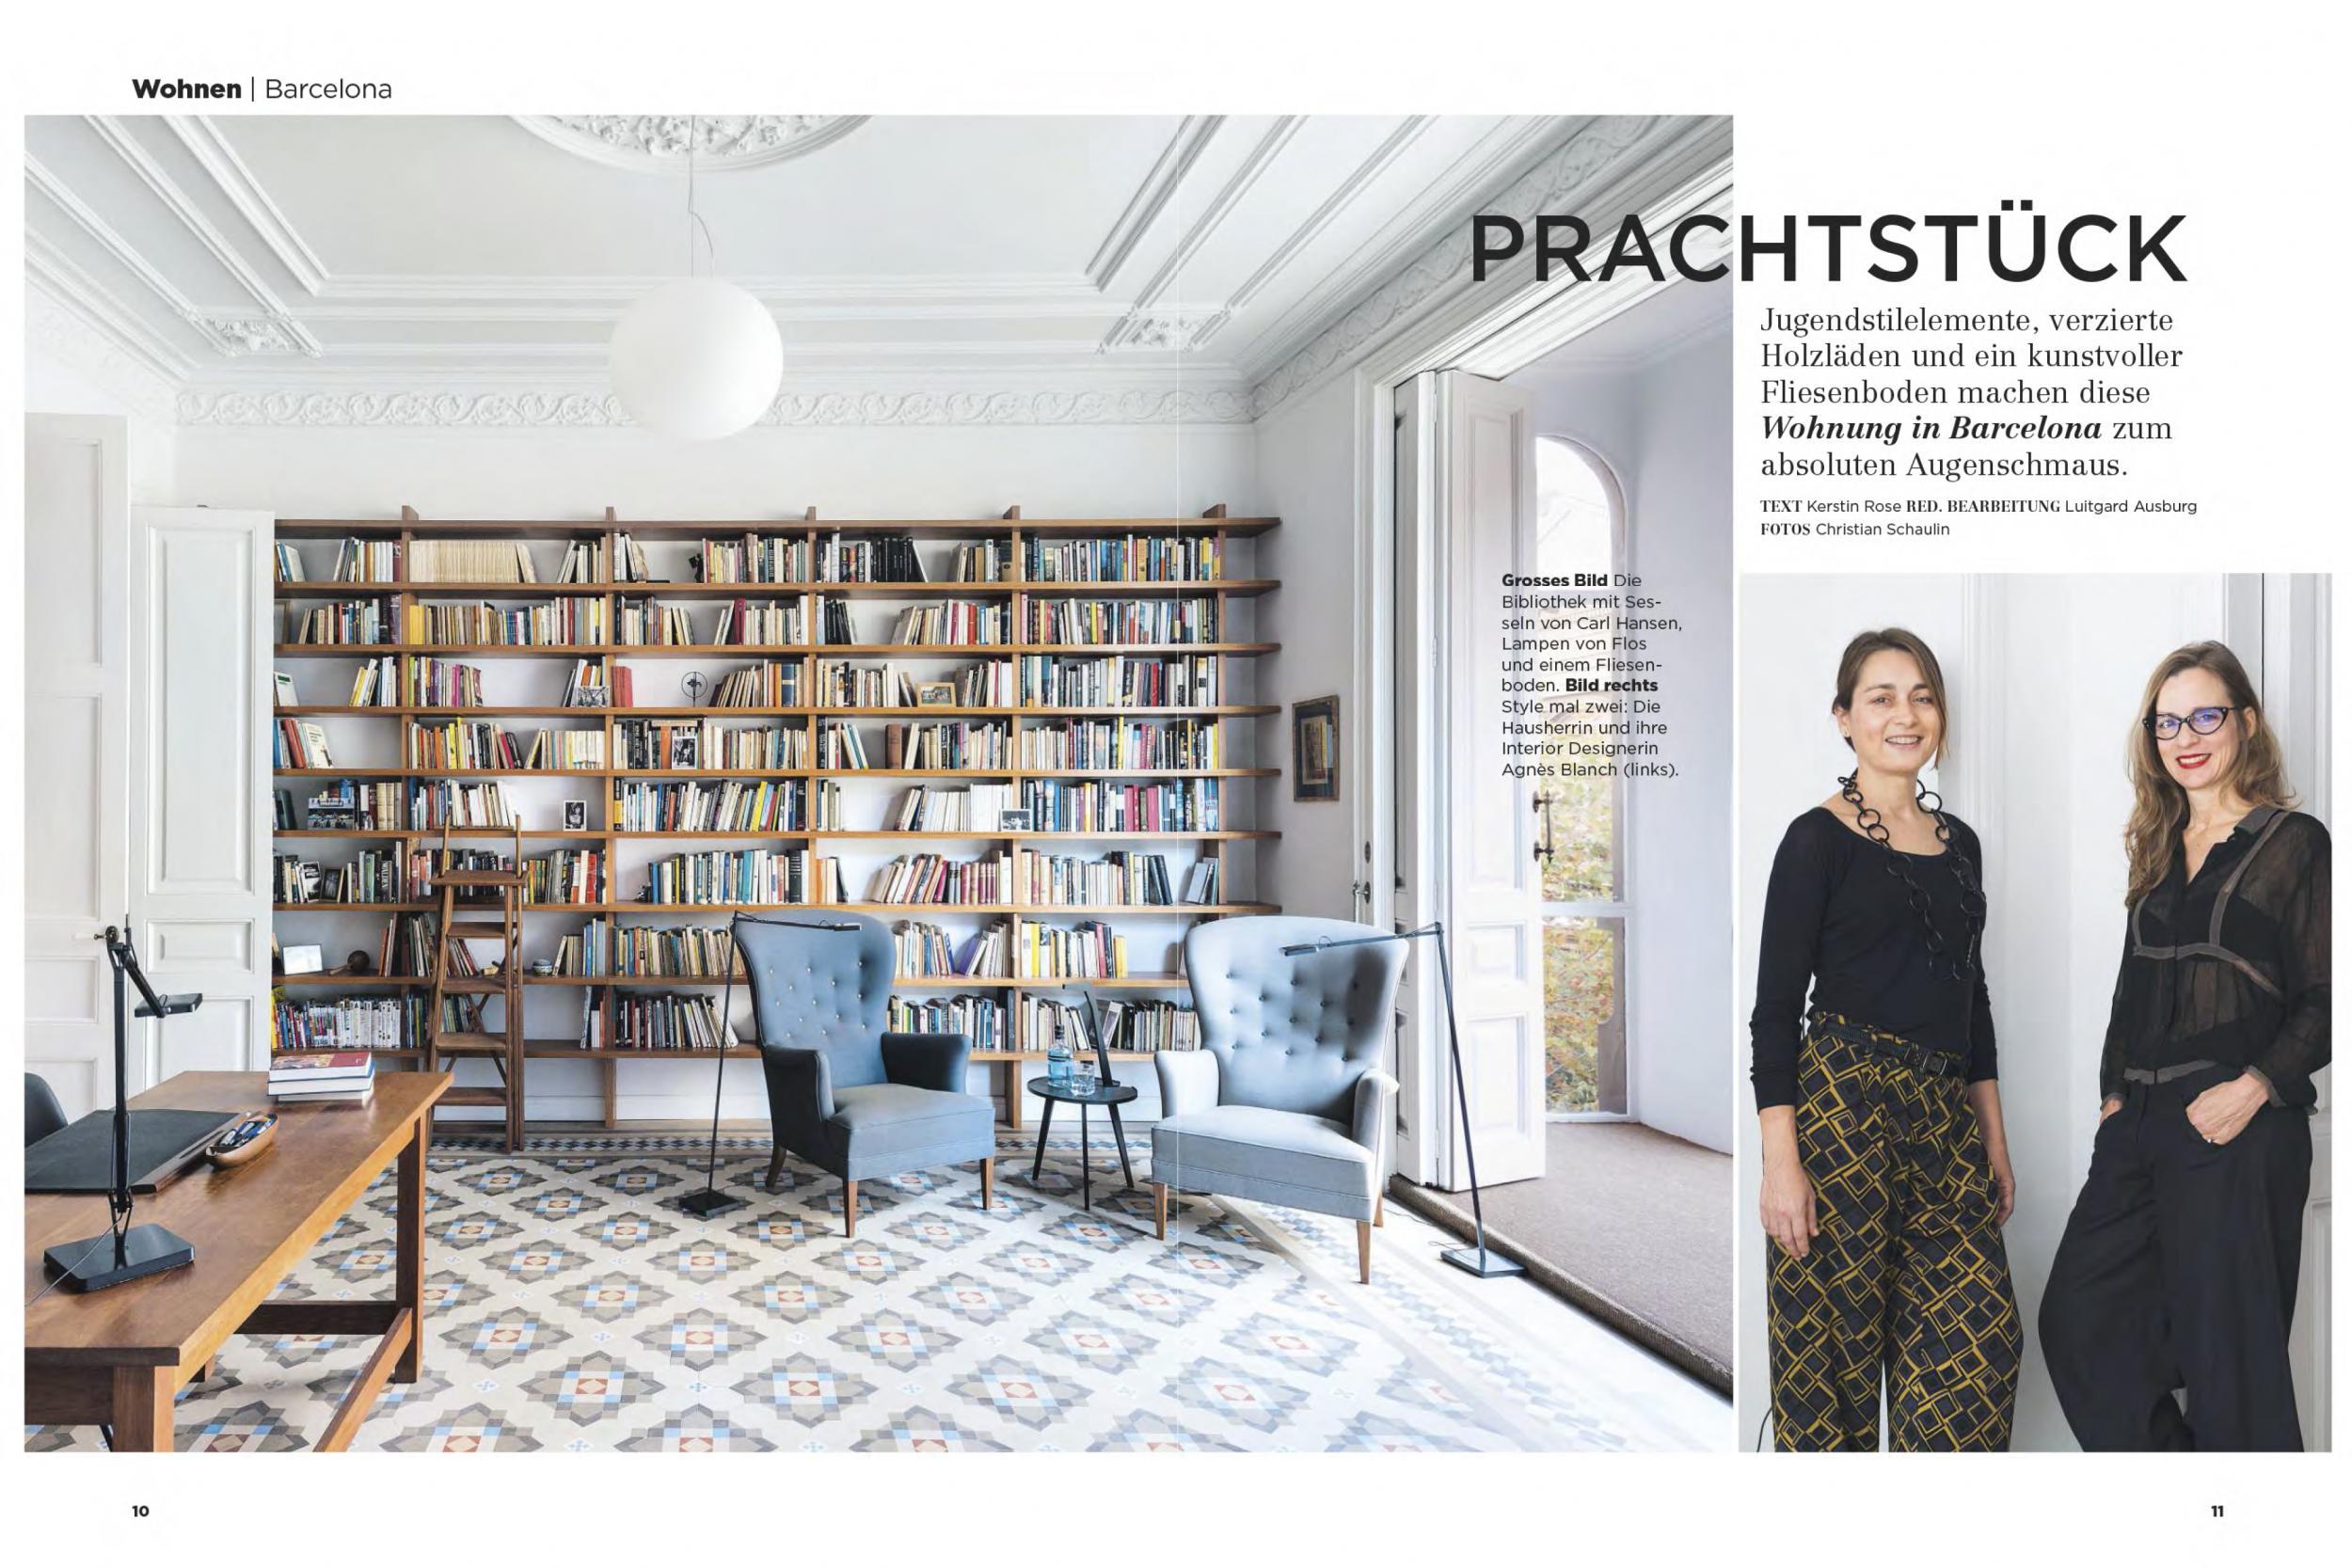 Barcelona Wohnen vilablanch studio in the german magazine modern wohnen vilablanch